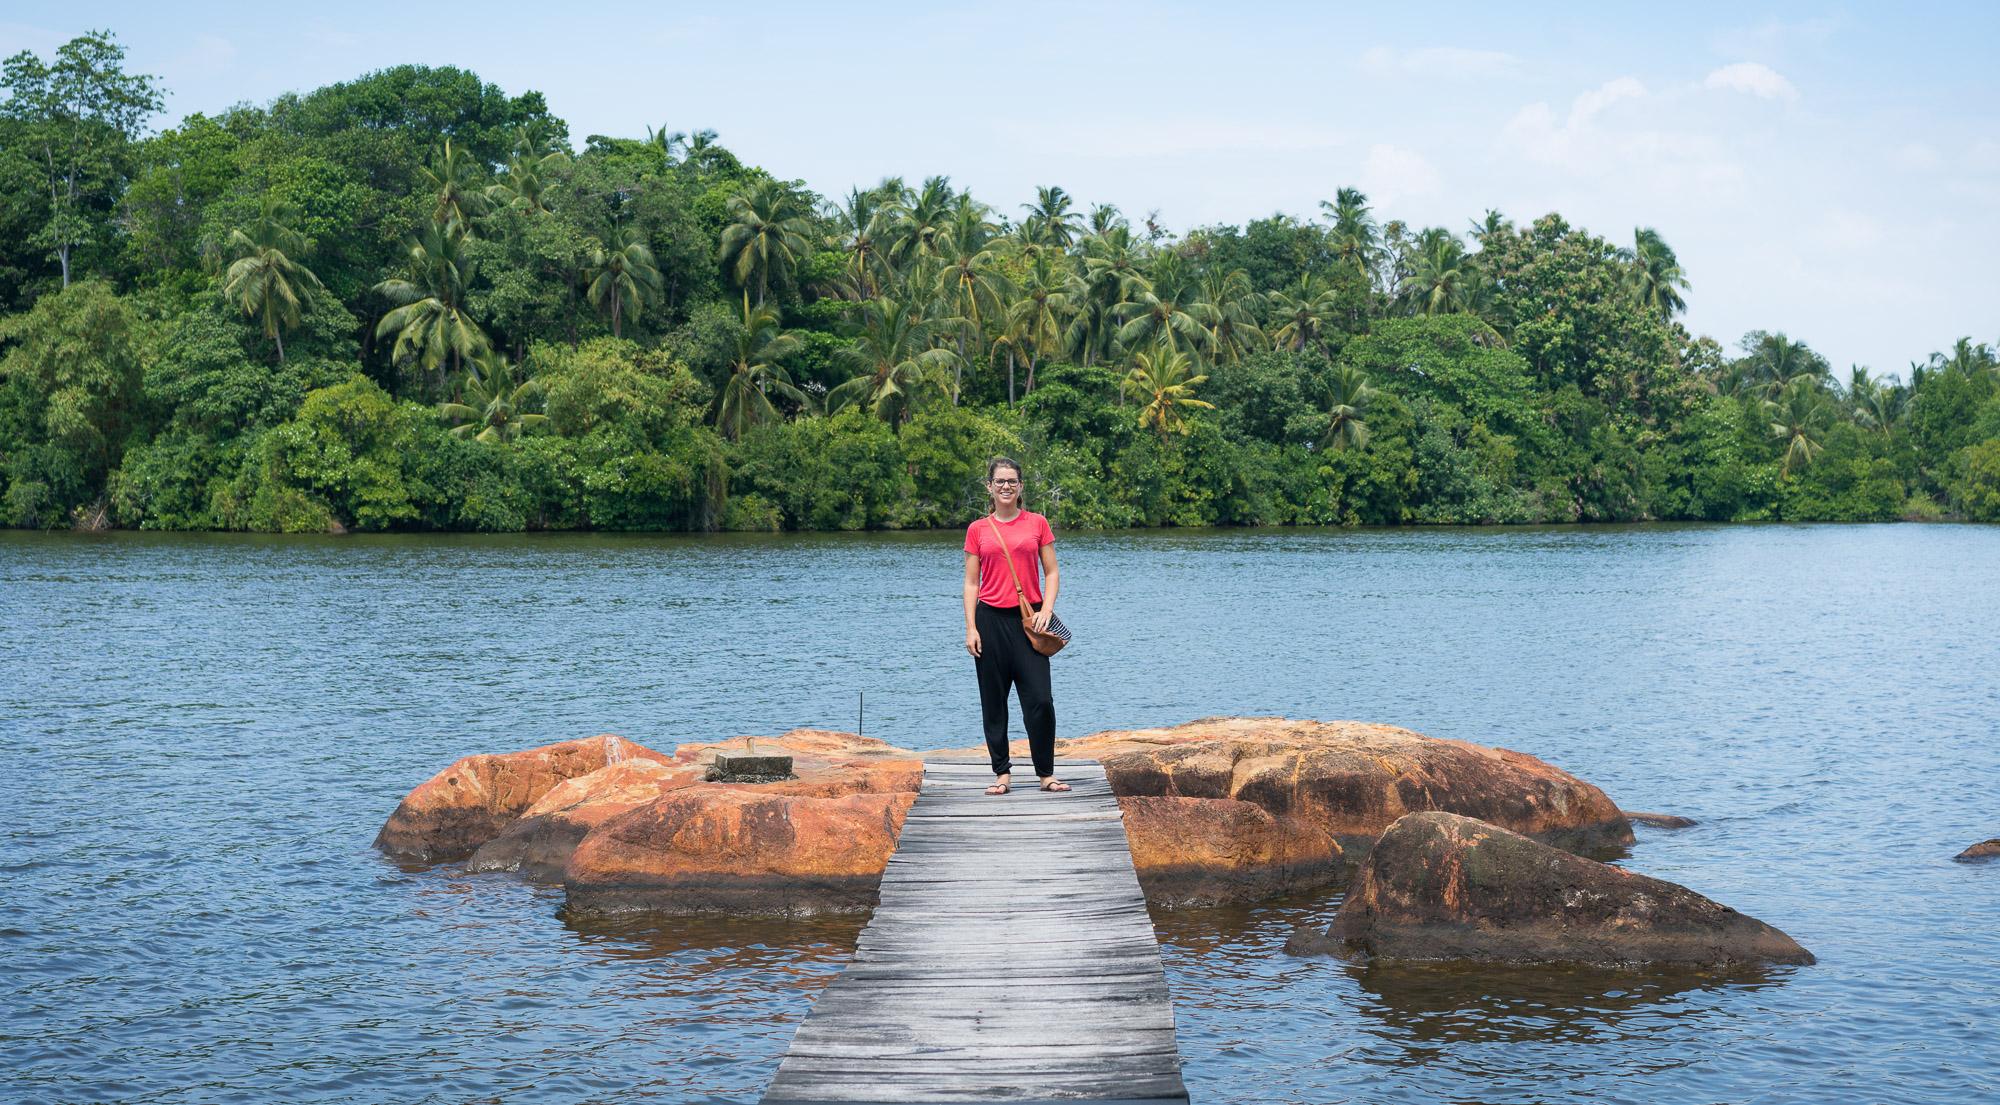 Smuk Status etter 3 måneder som fulltidsreisende på Sri Lanka - Hamaca LP-62